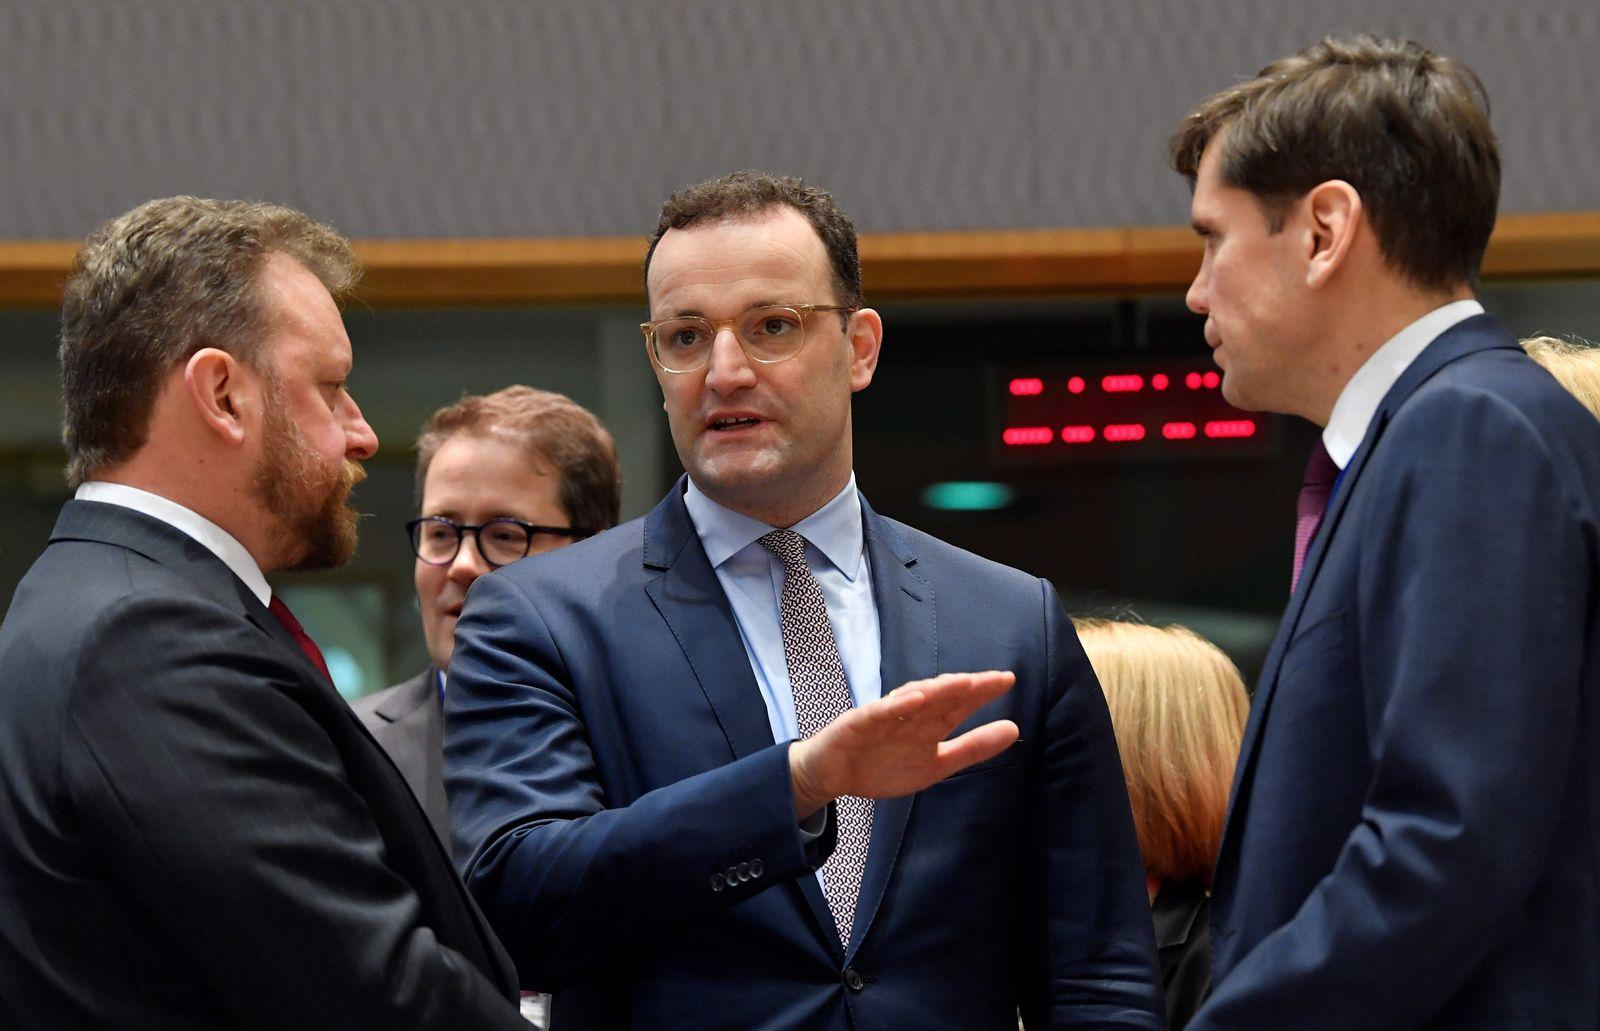 BELGIUM-EU-HEALTH-VIRUS